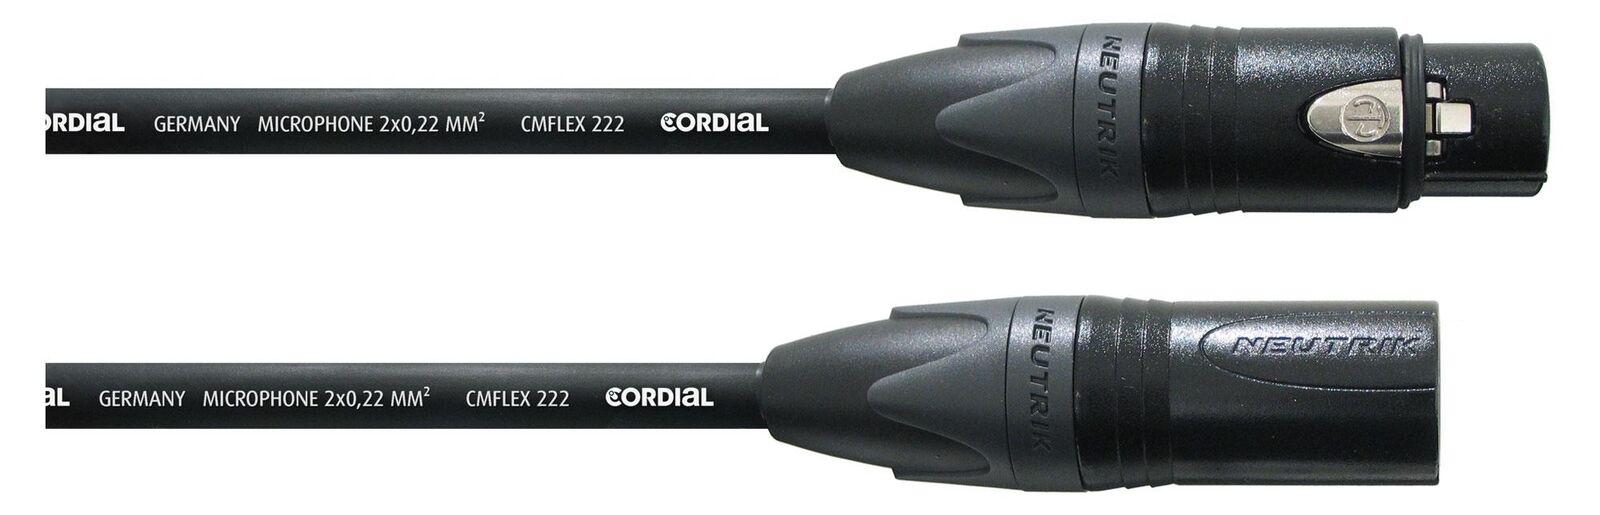 Cordial CPM 10 FM-Flex XLR cable 10m cables del micrófono micrófono micrófono Neutrik conector parche negro 1400c7